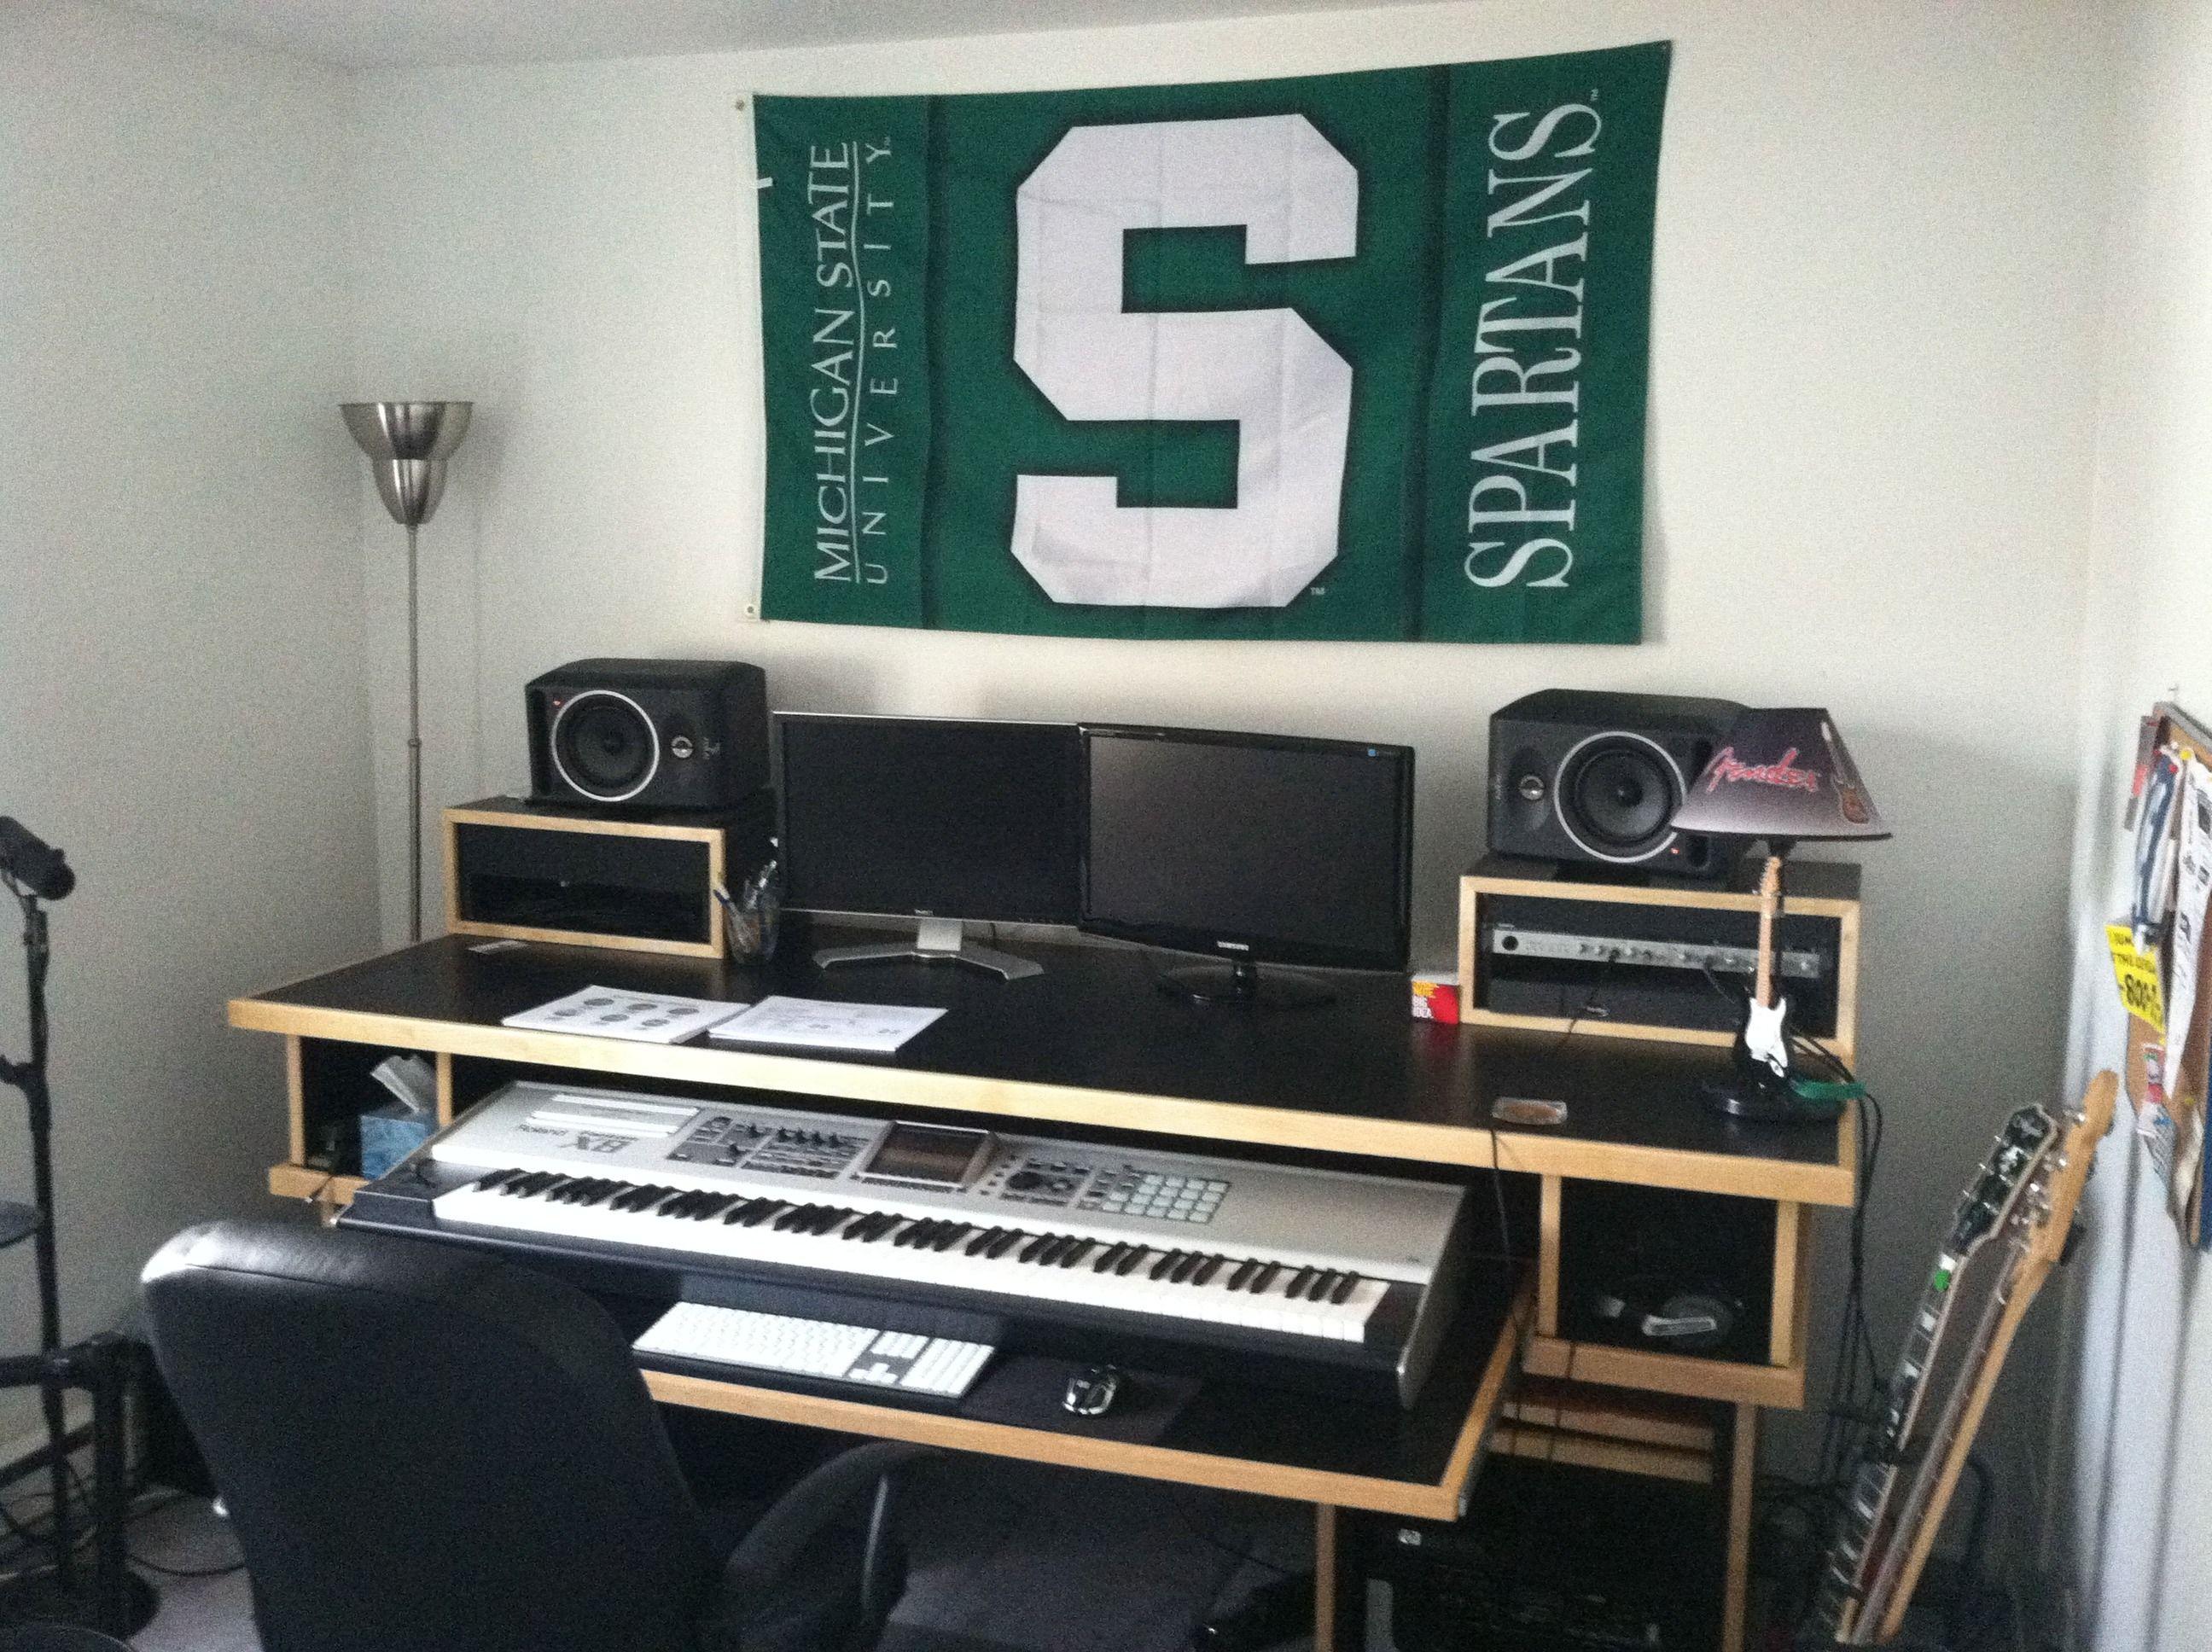 Have desk music area set up like